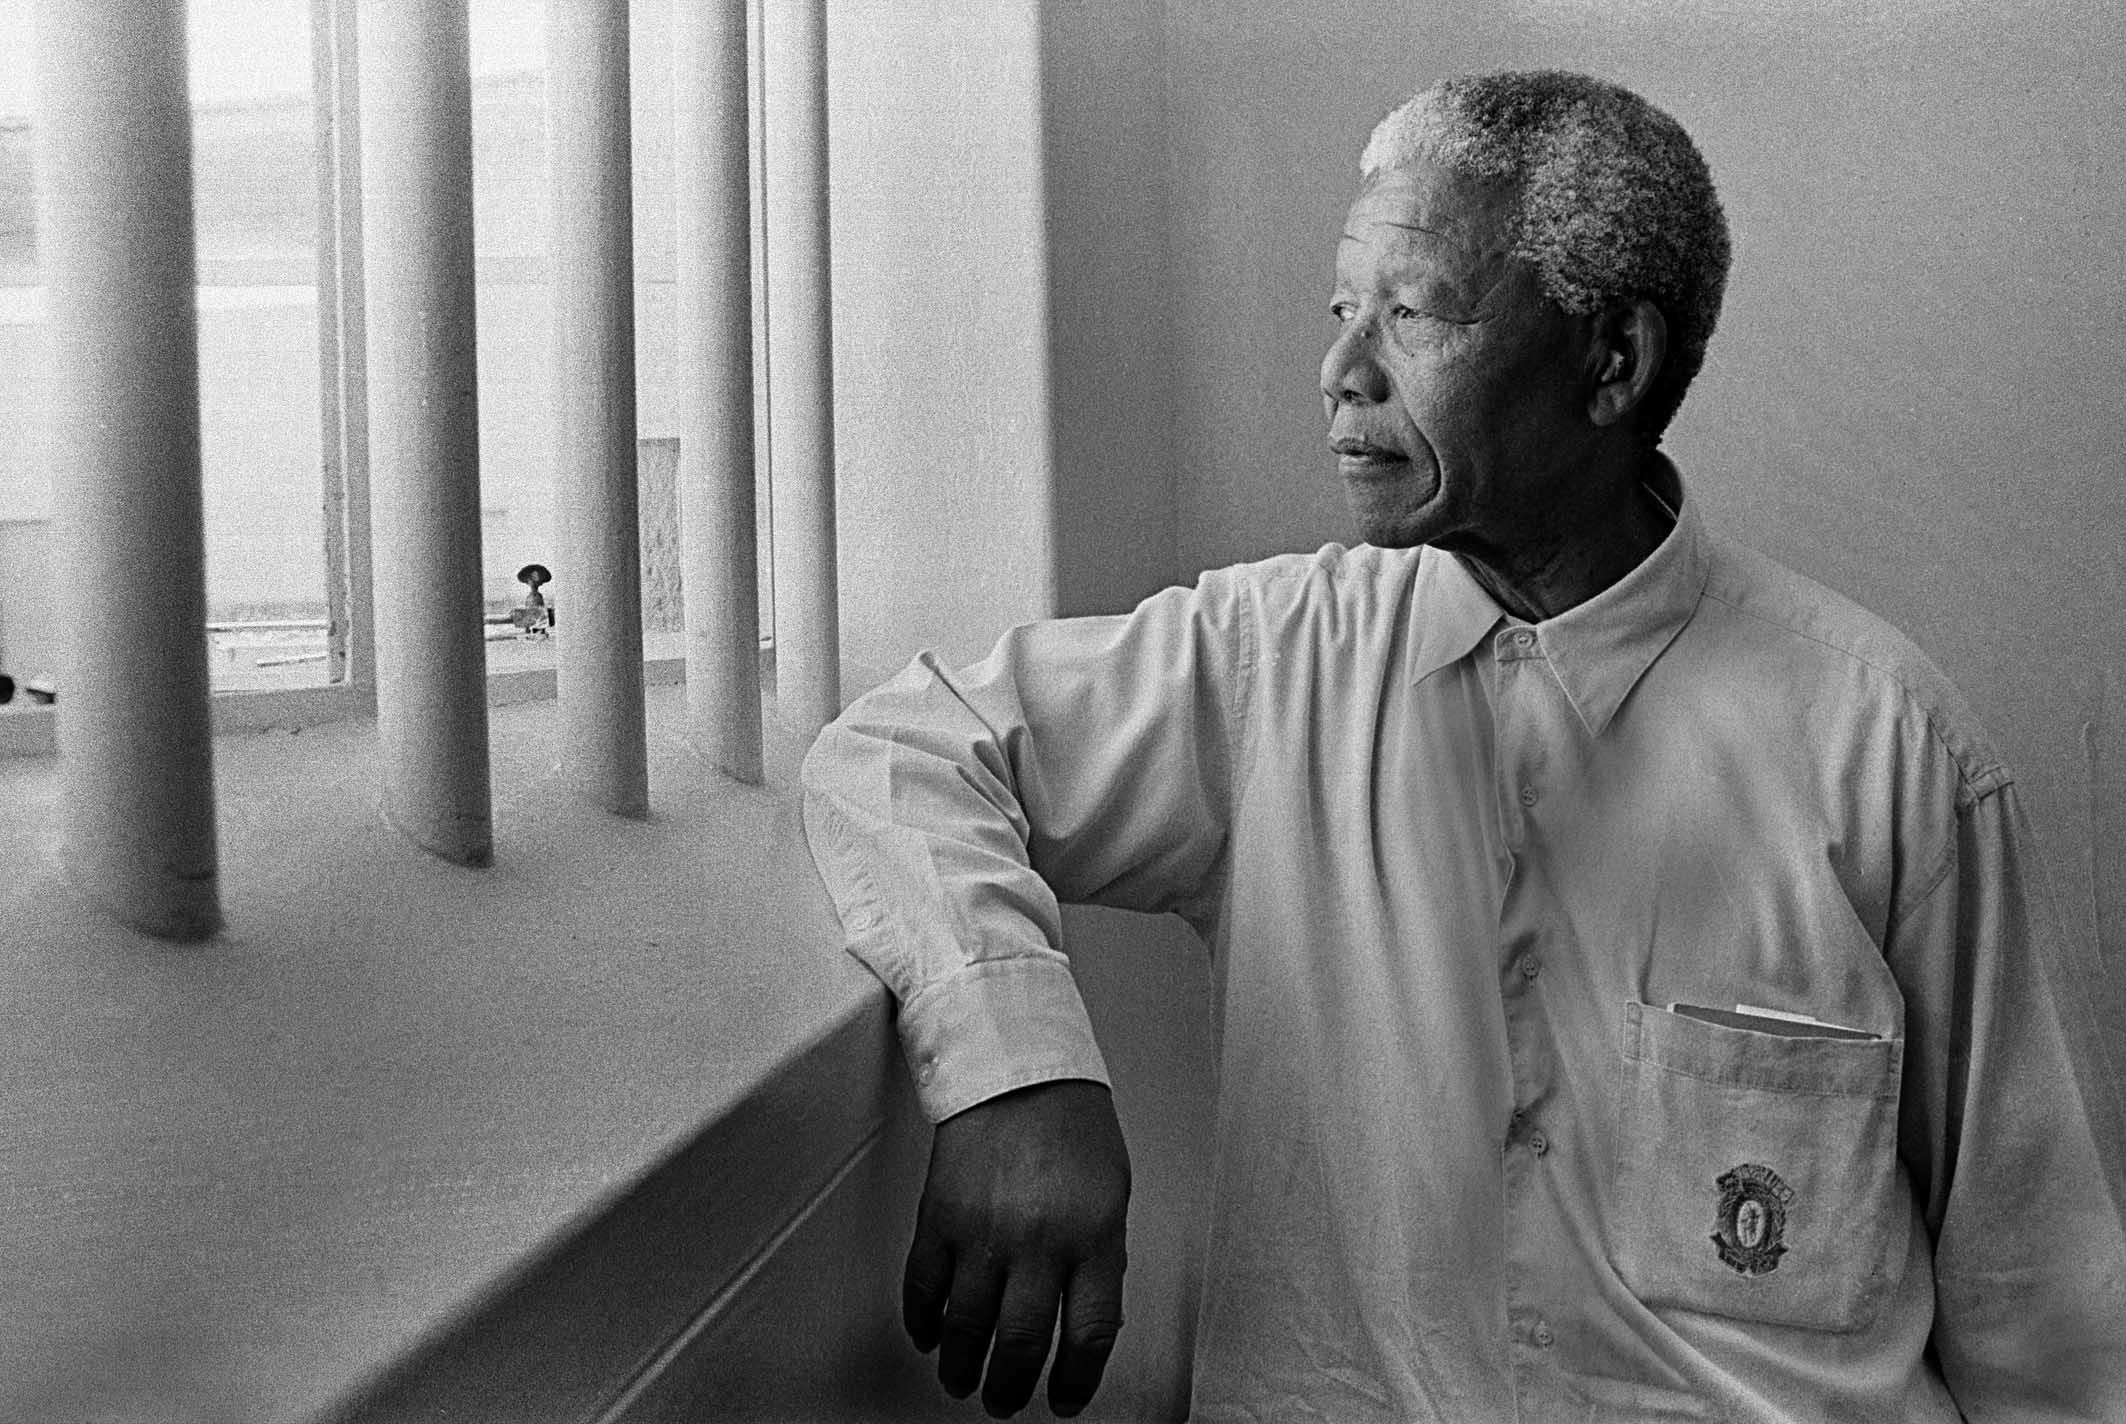 Retrato en blanco y negro del líder Nelson Mandela